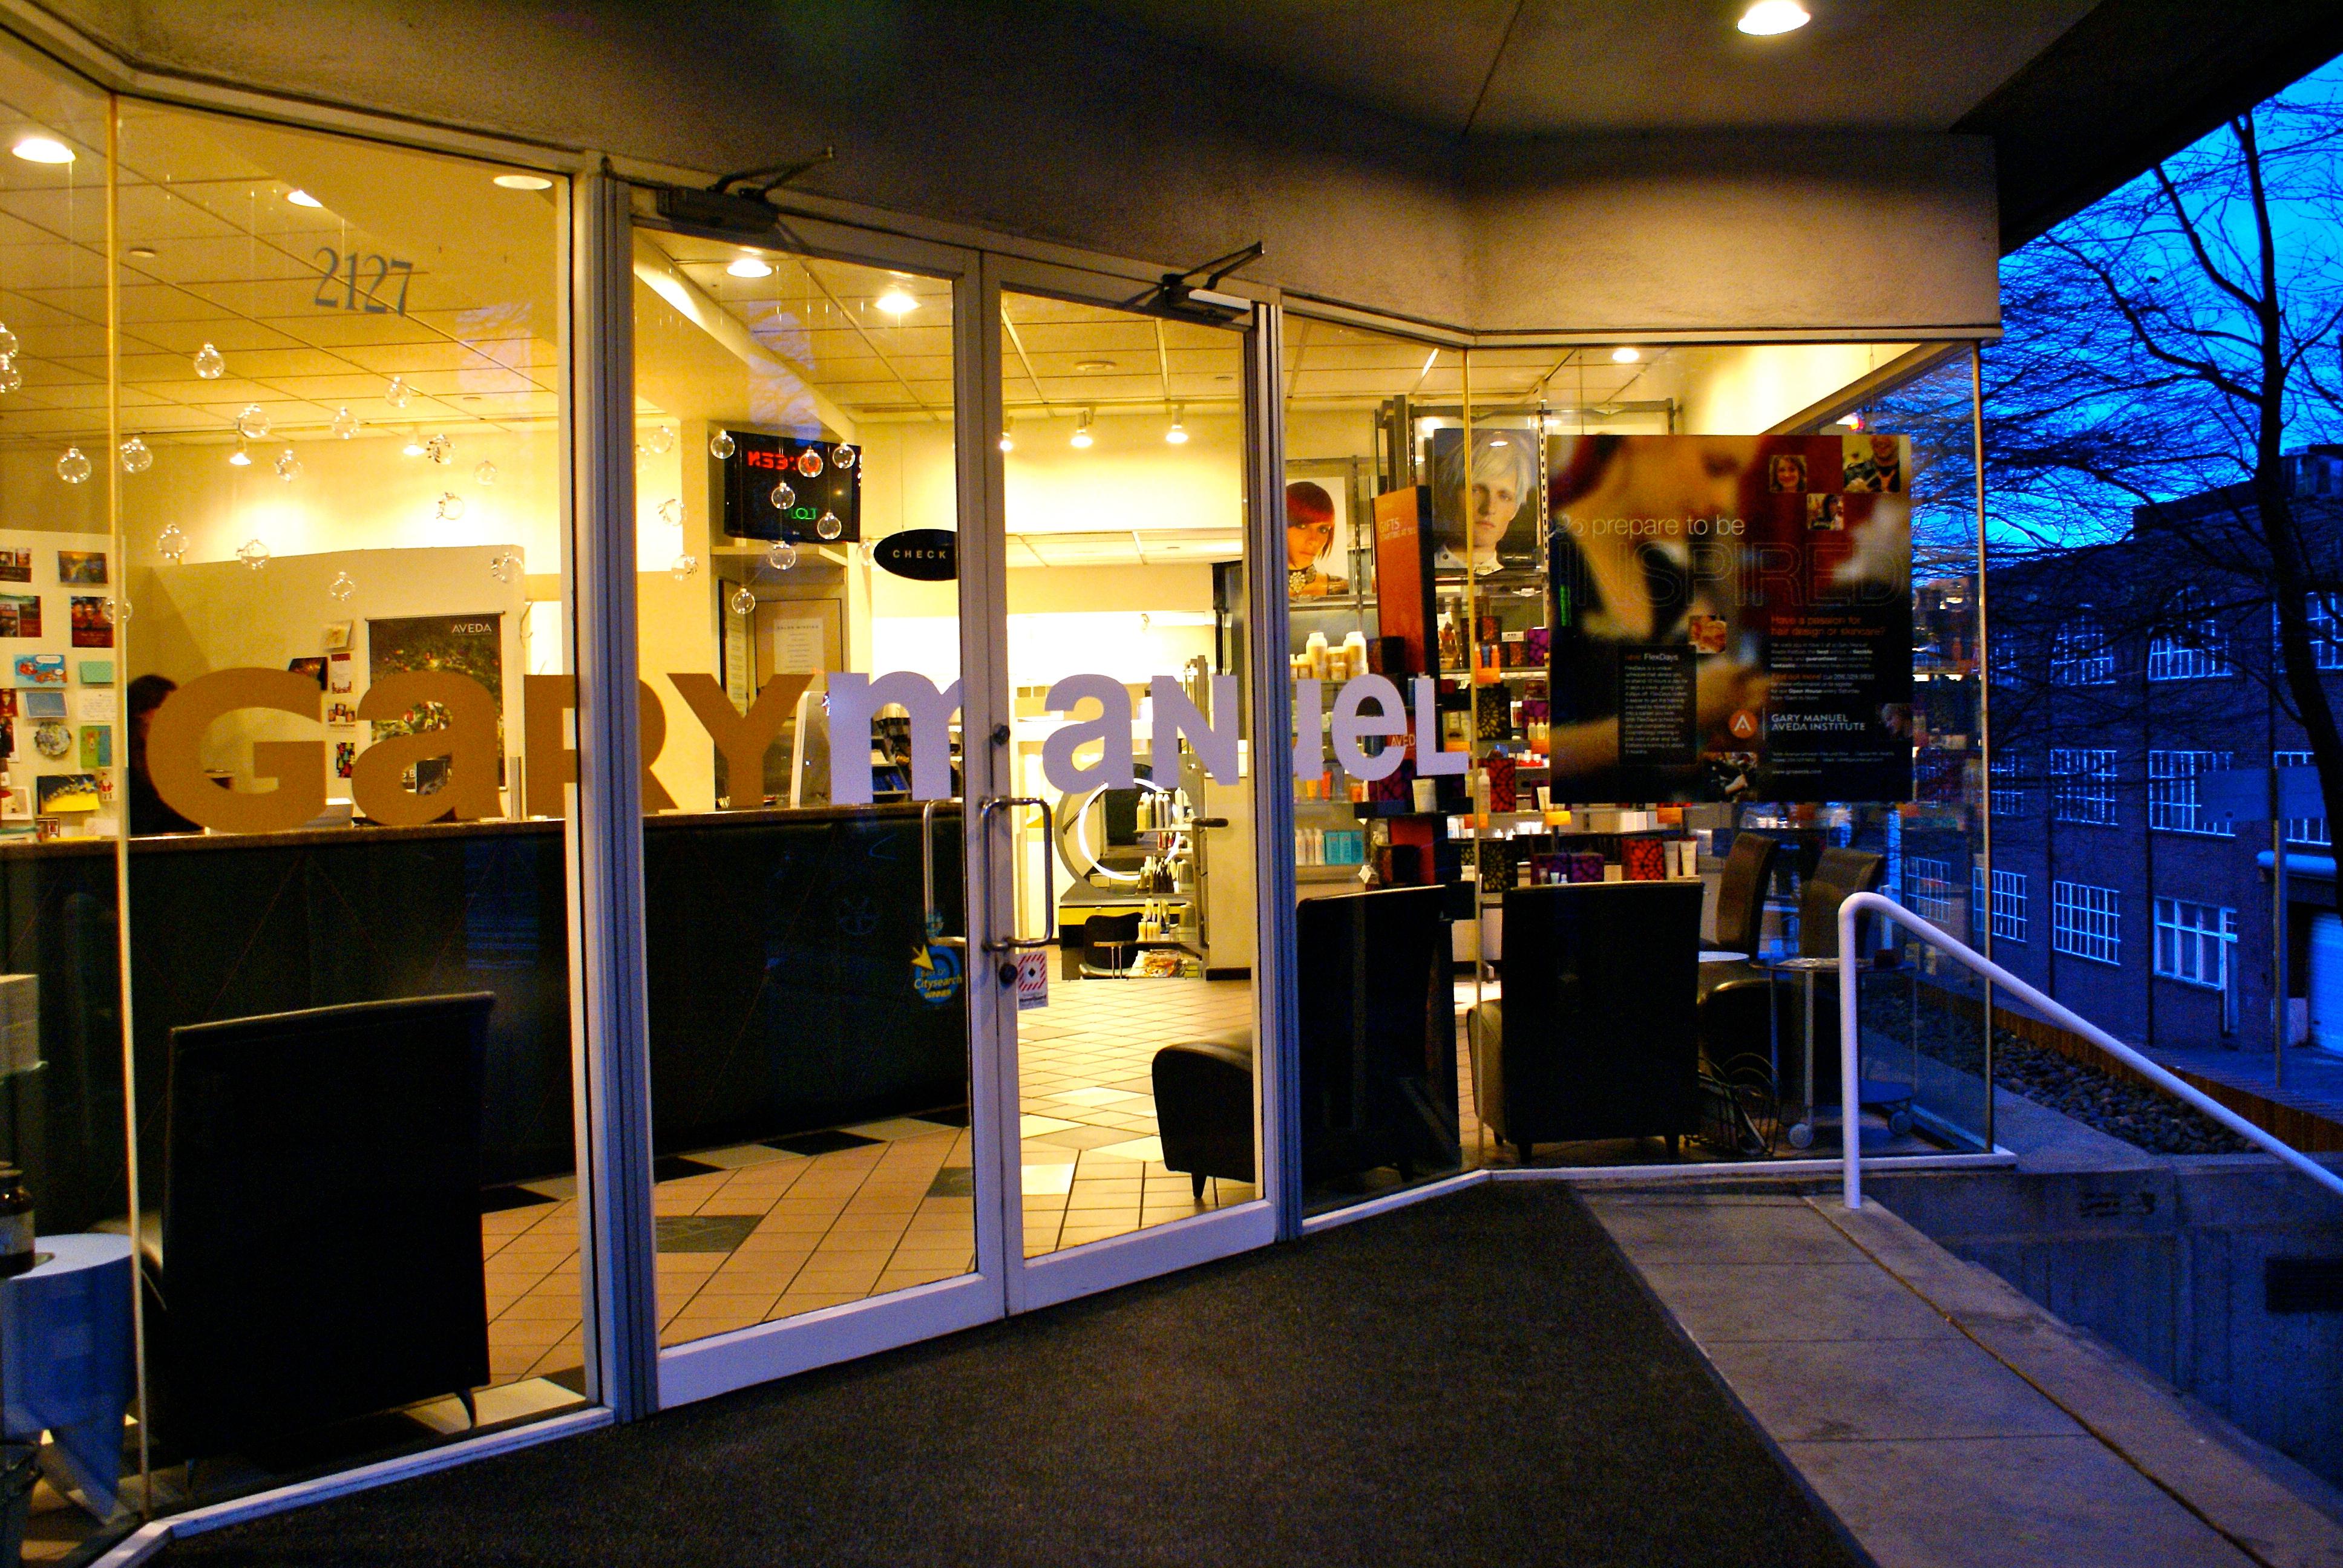 Gary manuel salon 2127 1st ave seattle wa hair salons for Salon seattle